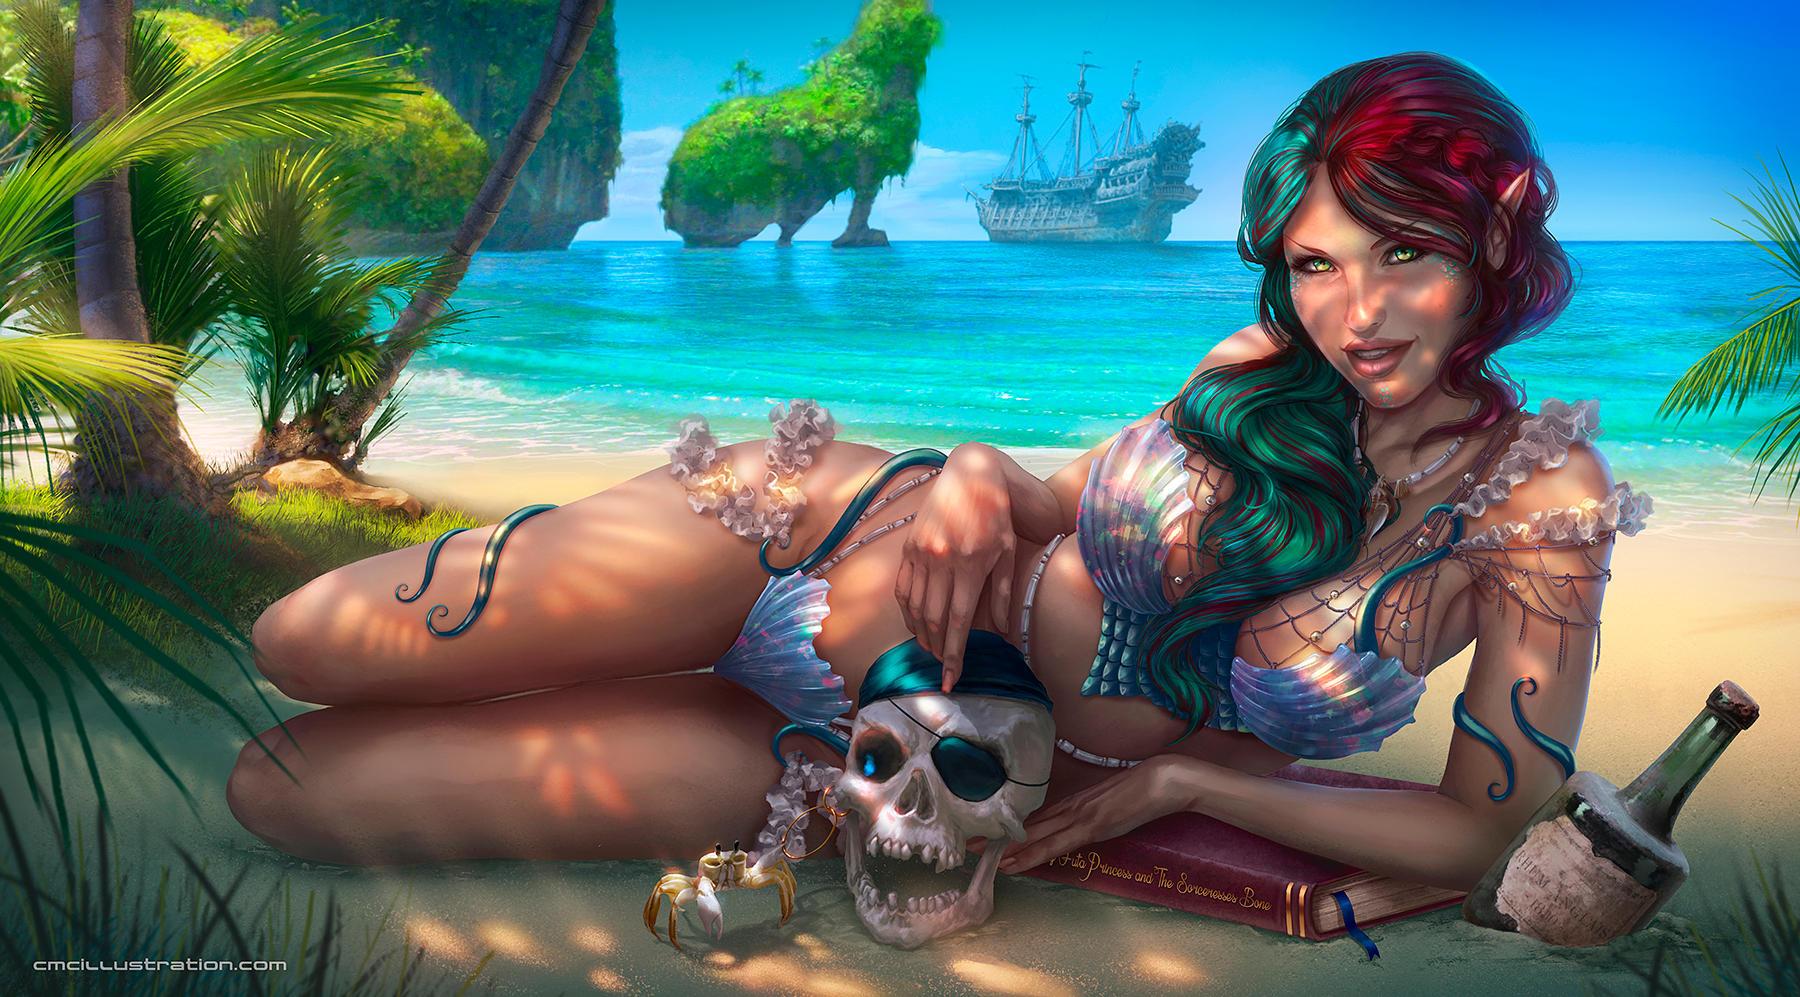 Ariella the cursed mermaid by Aioras